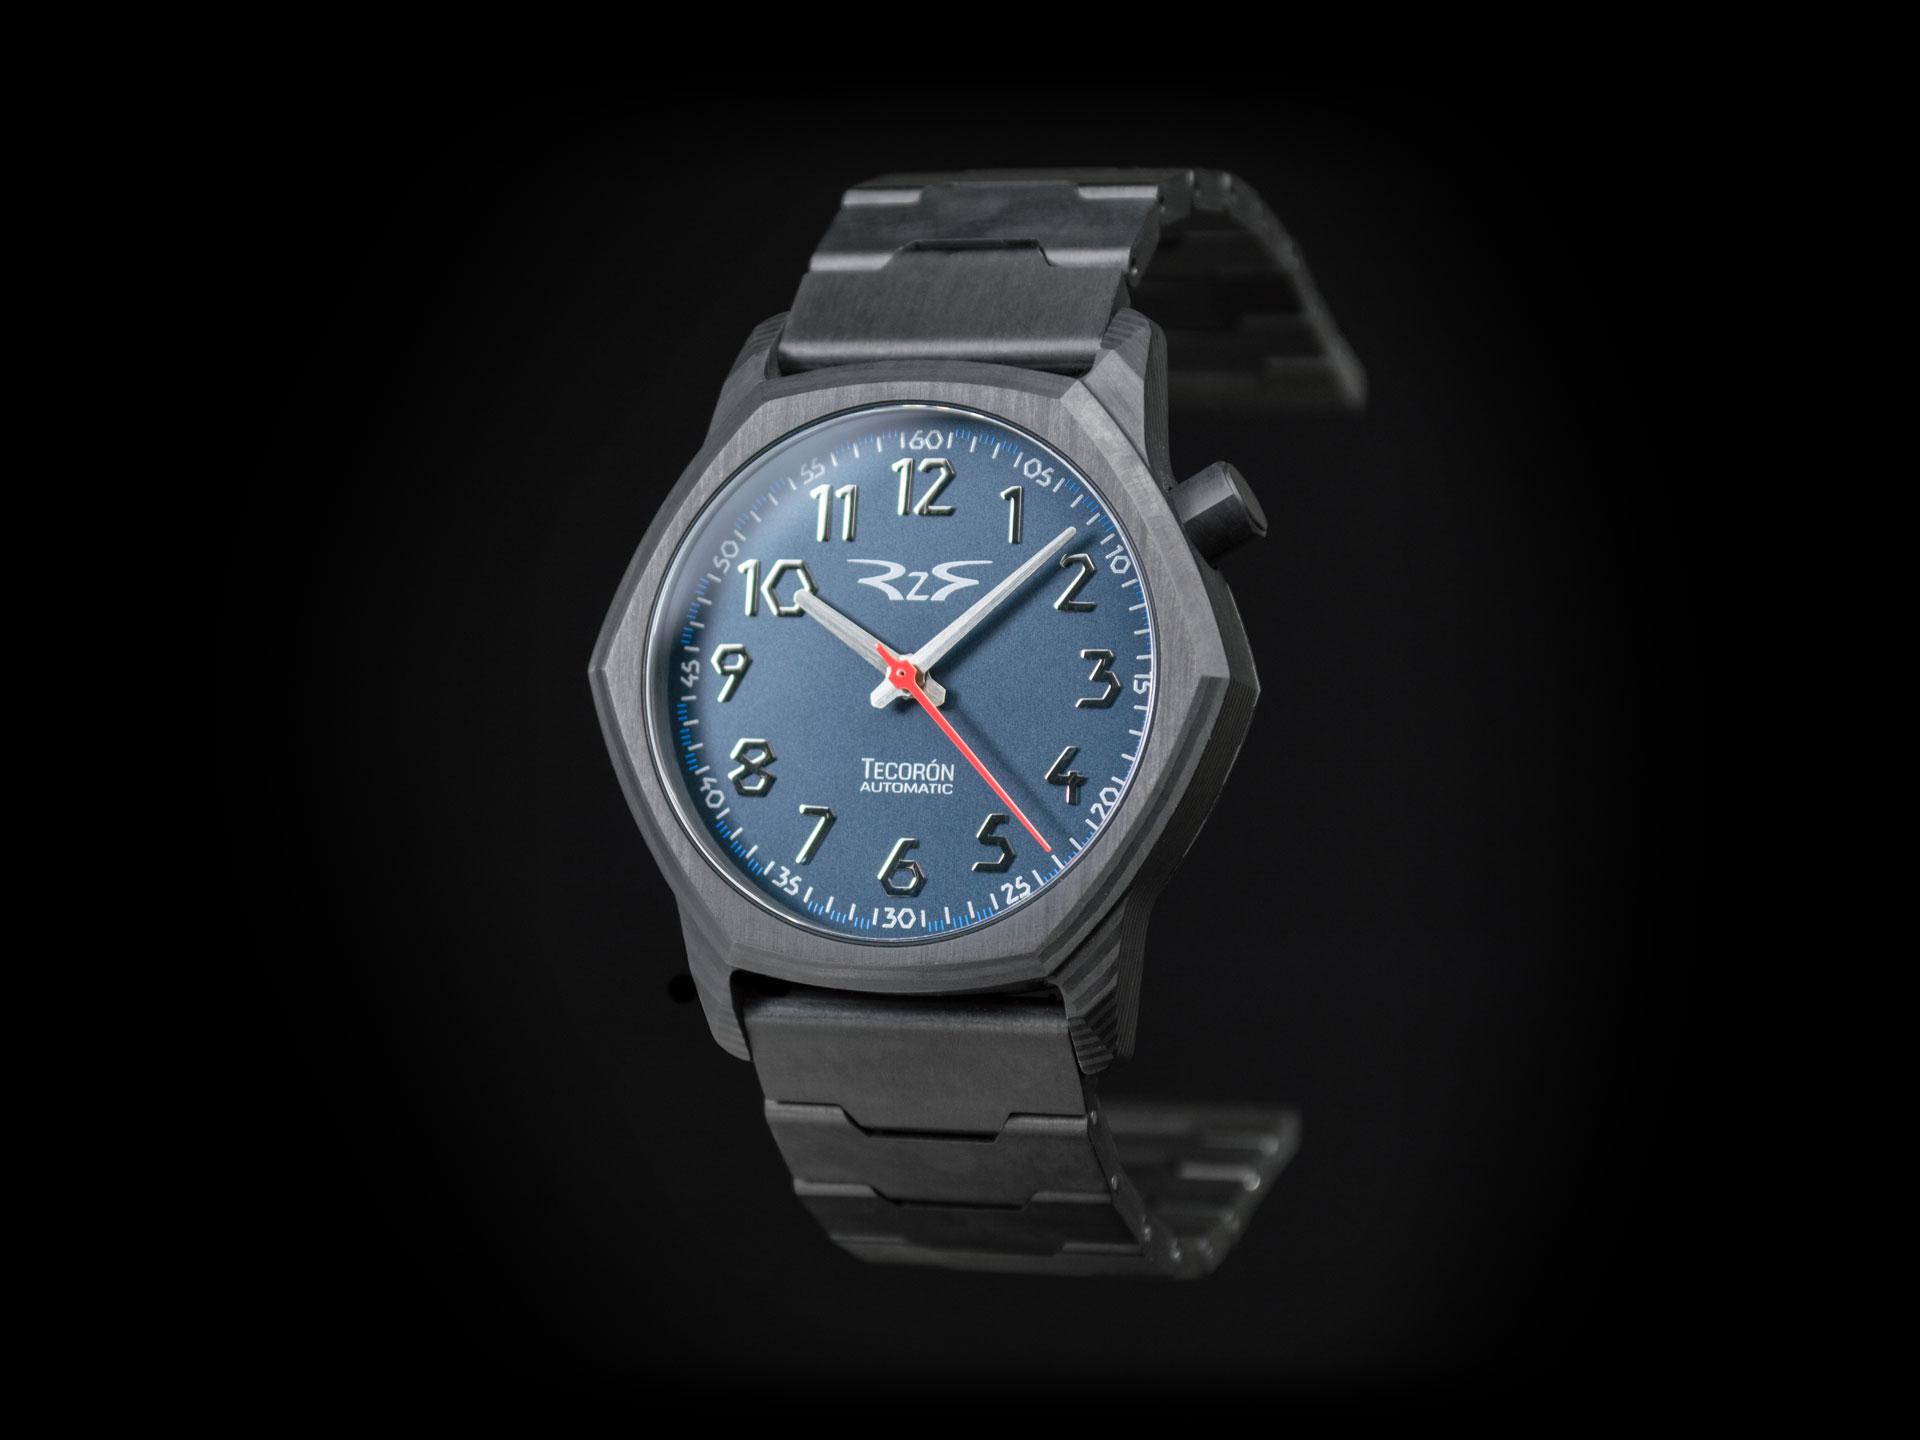 Carbon fiber watch